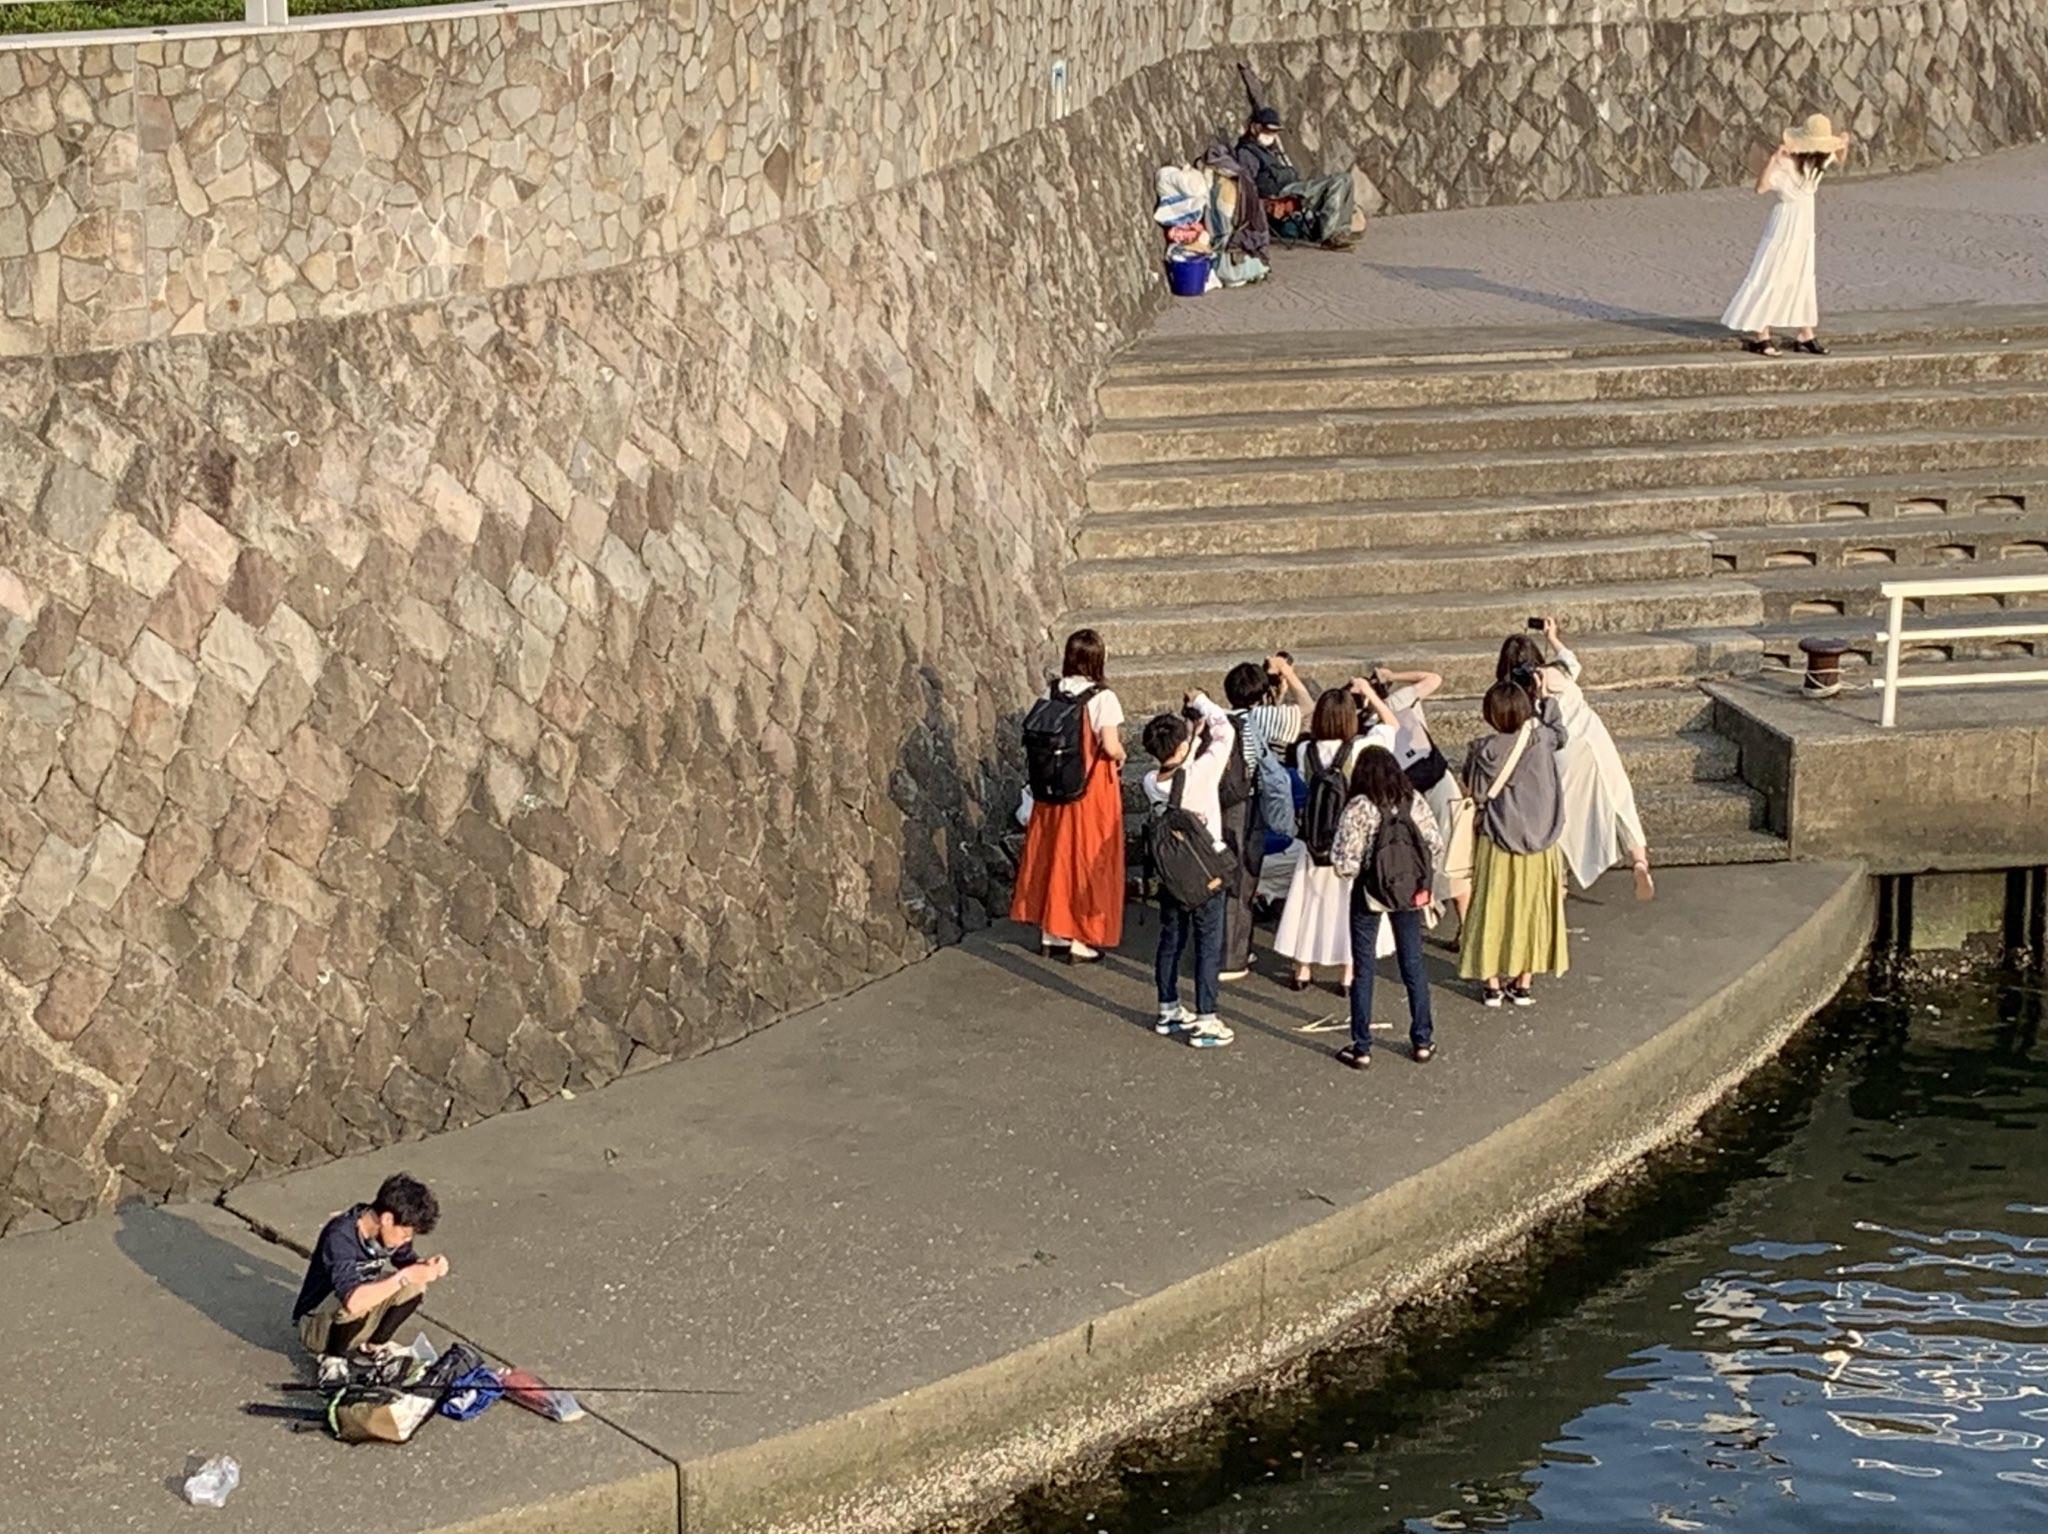 【画像】釣り人さん、姫のコスプレ撮影会の近くで釣りを開始してしまう